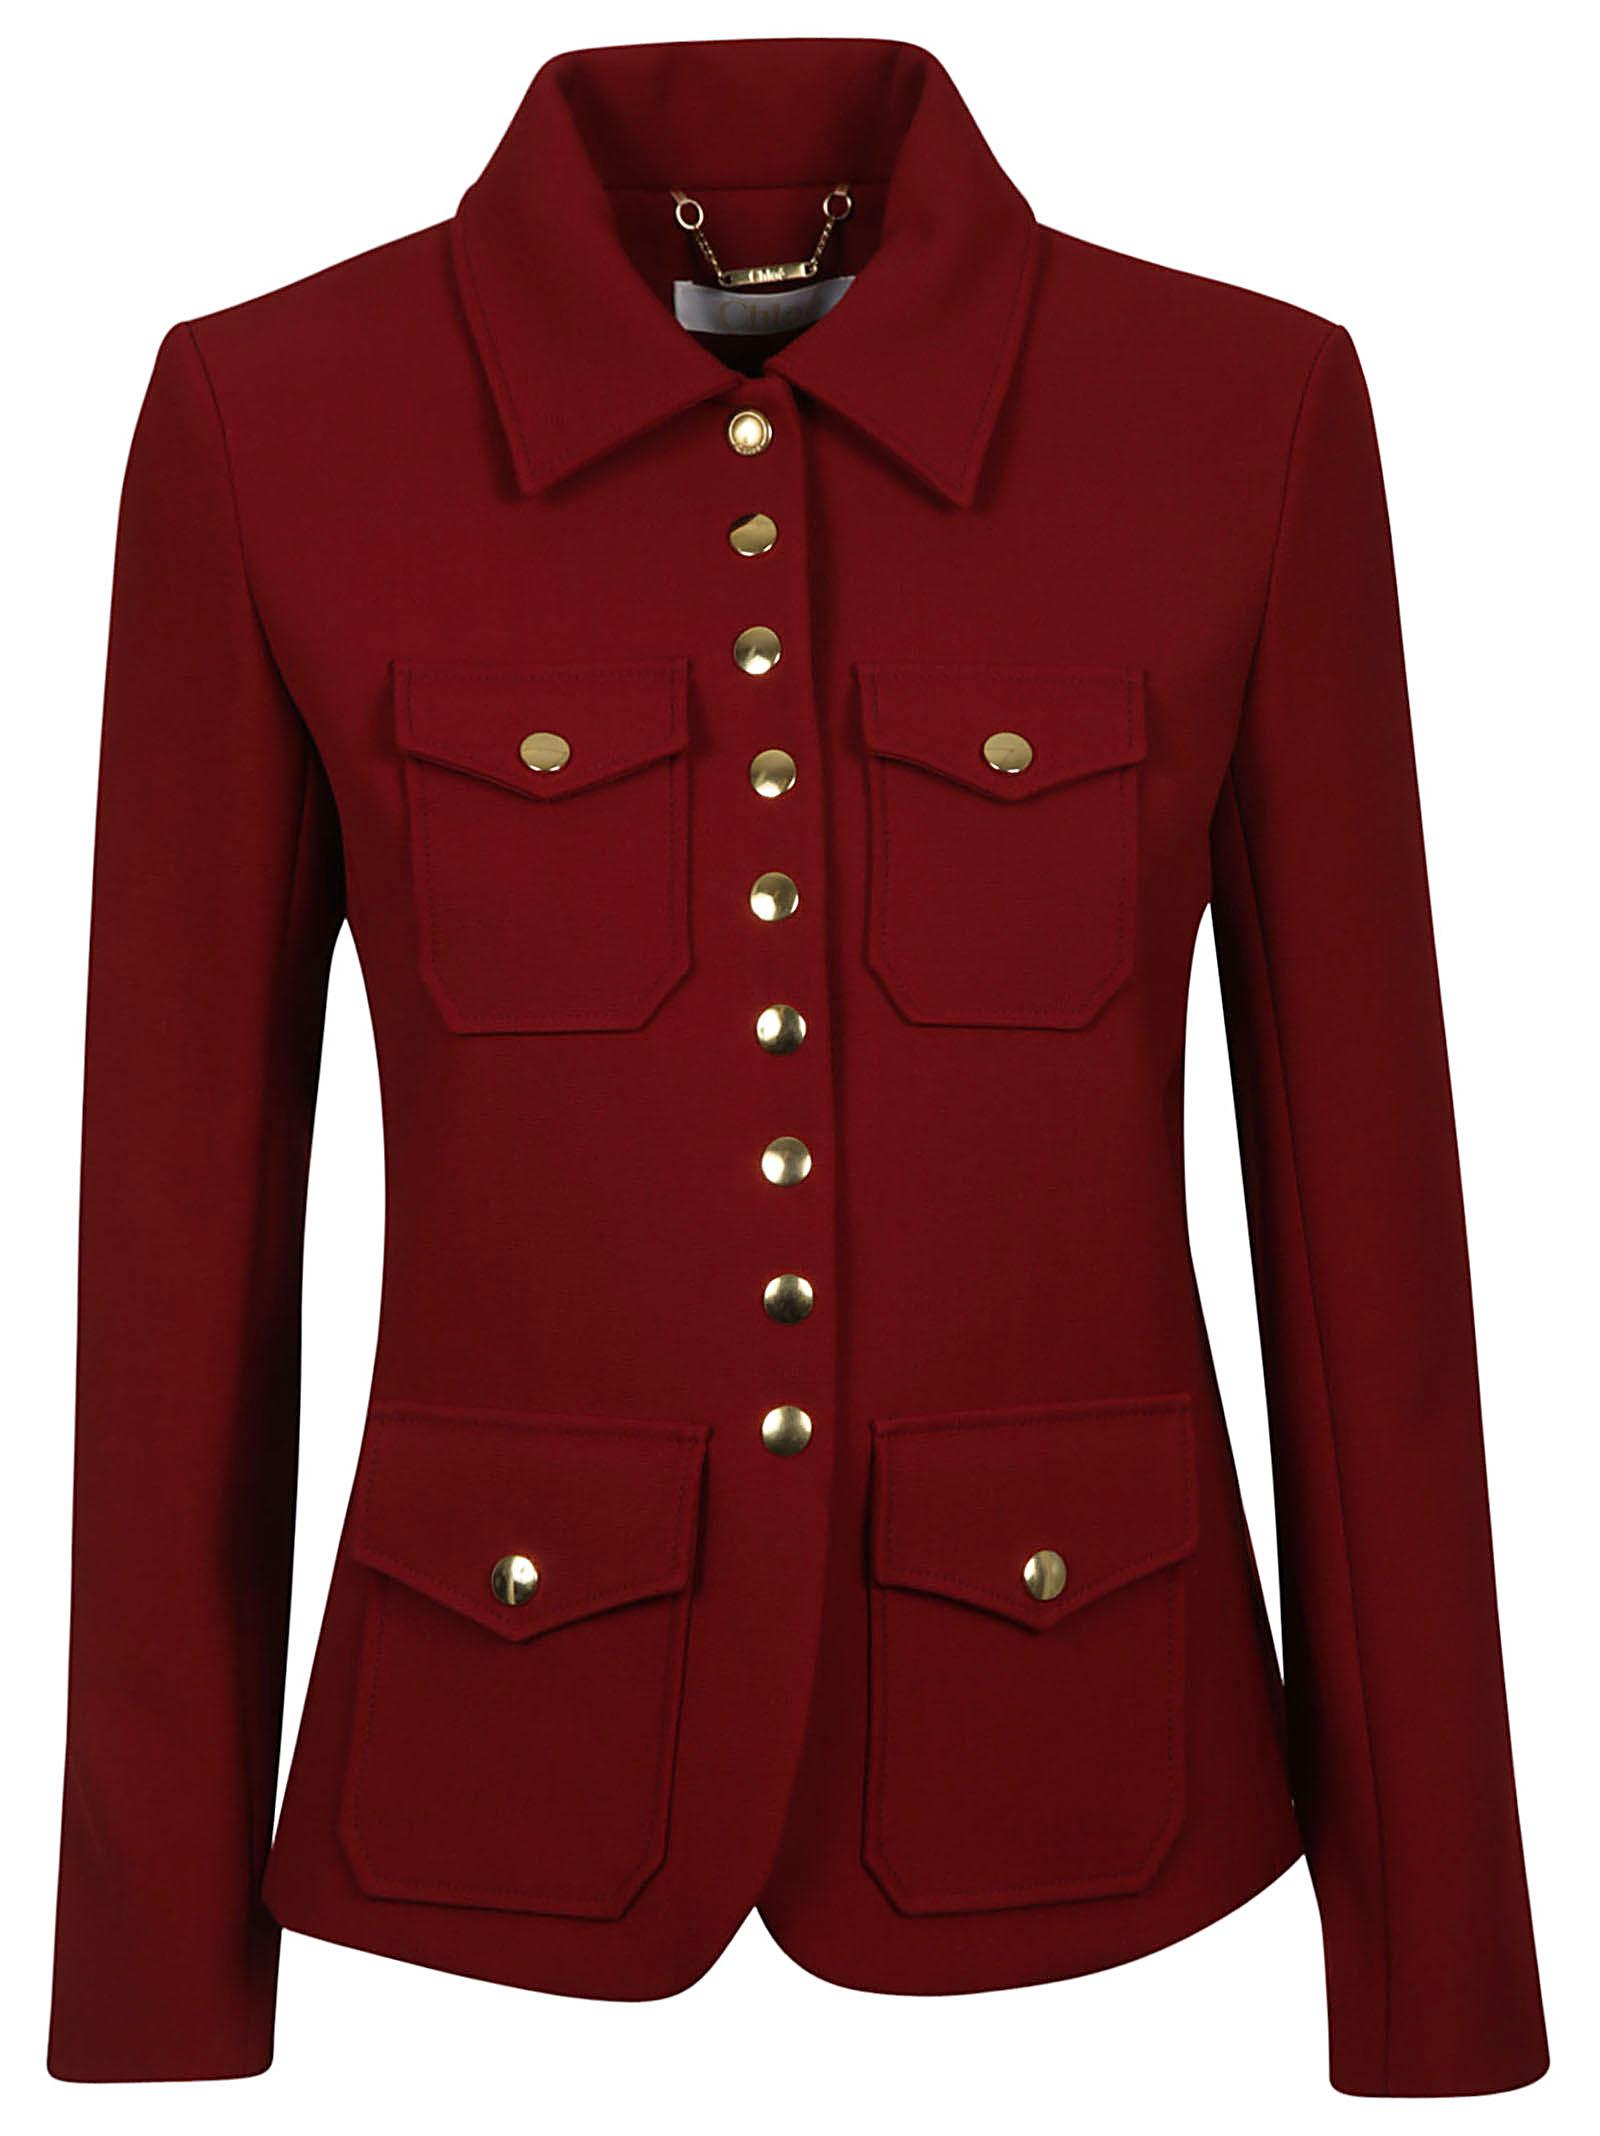 Chloé Button Up Jacket